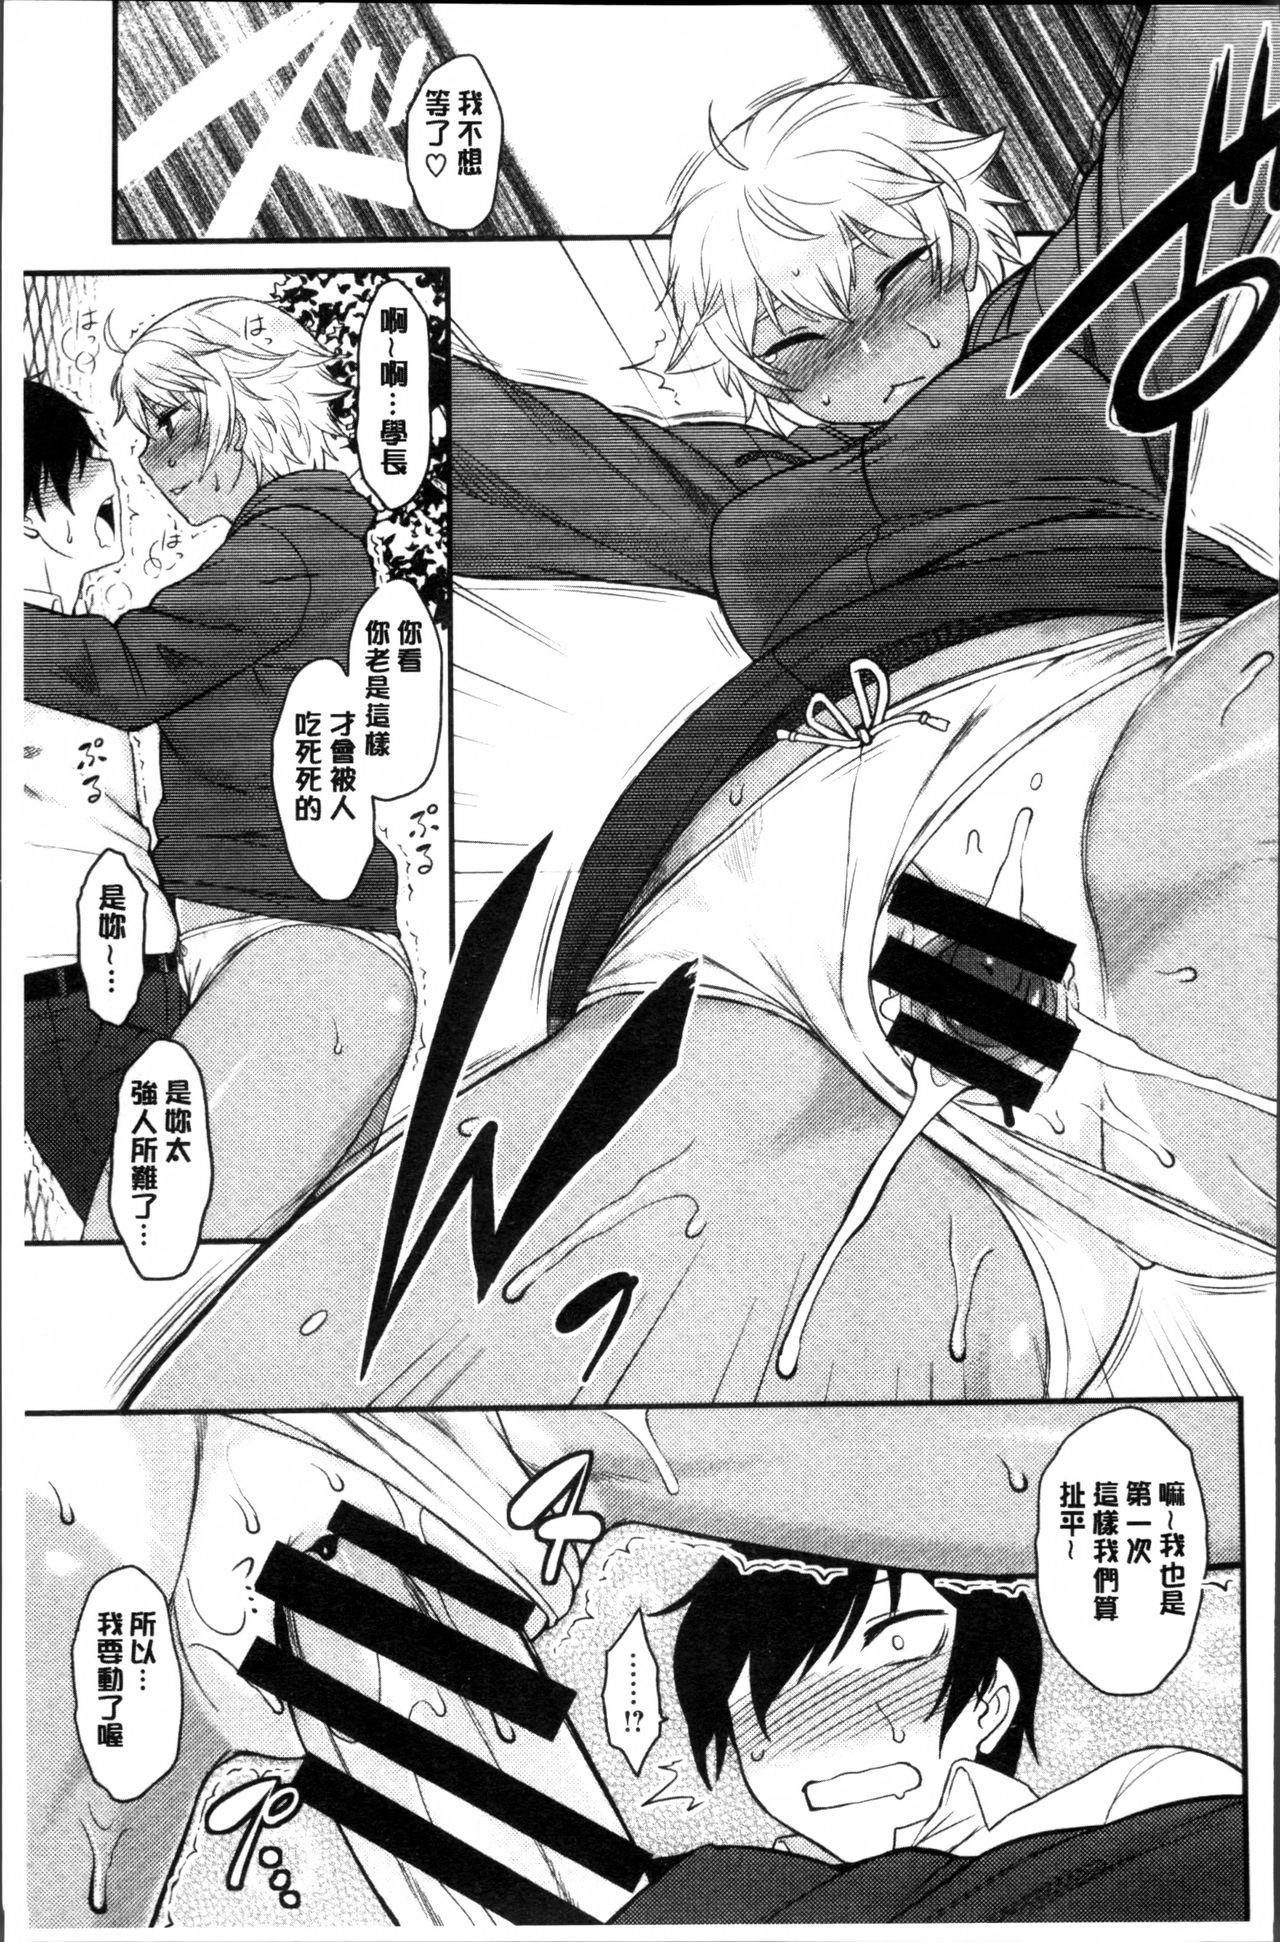 Hatsukoi Splash! 125